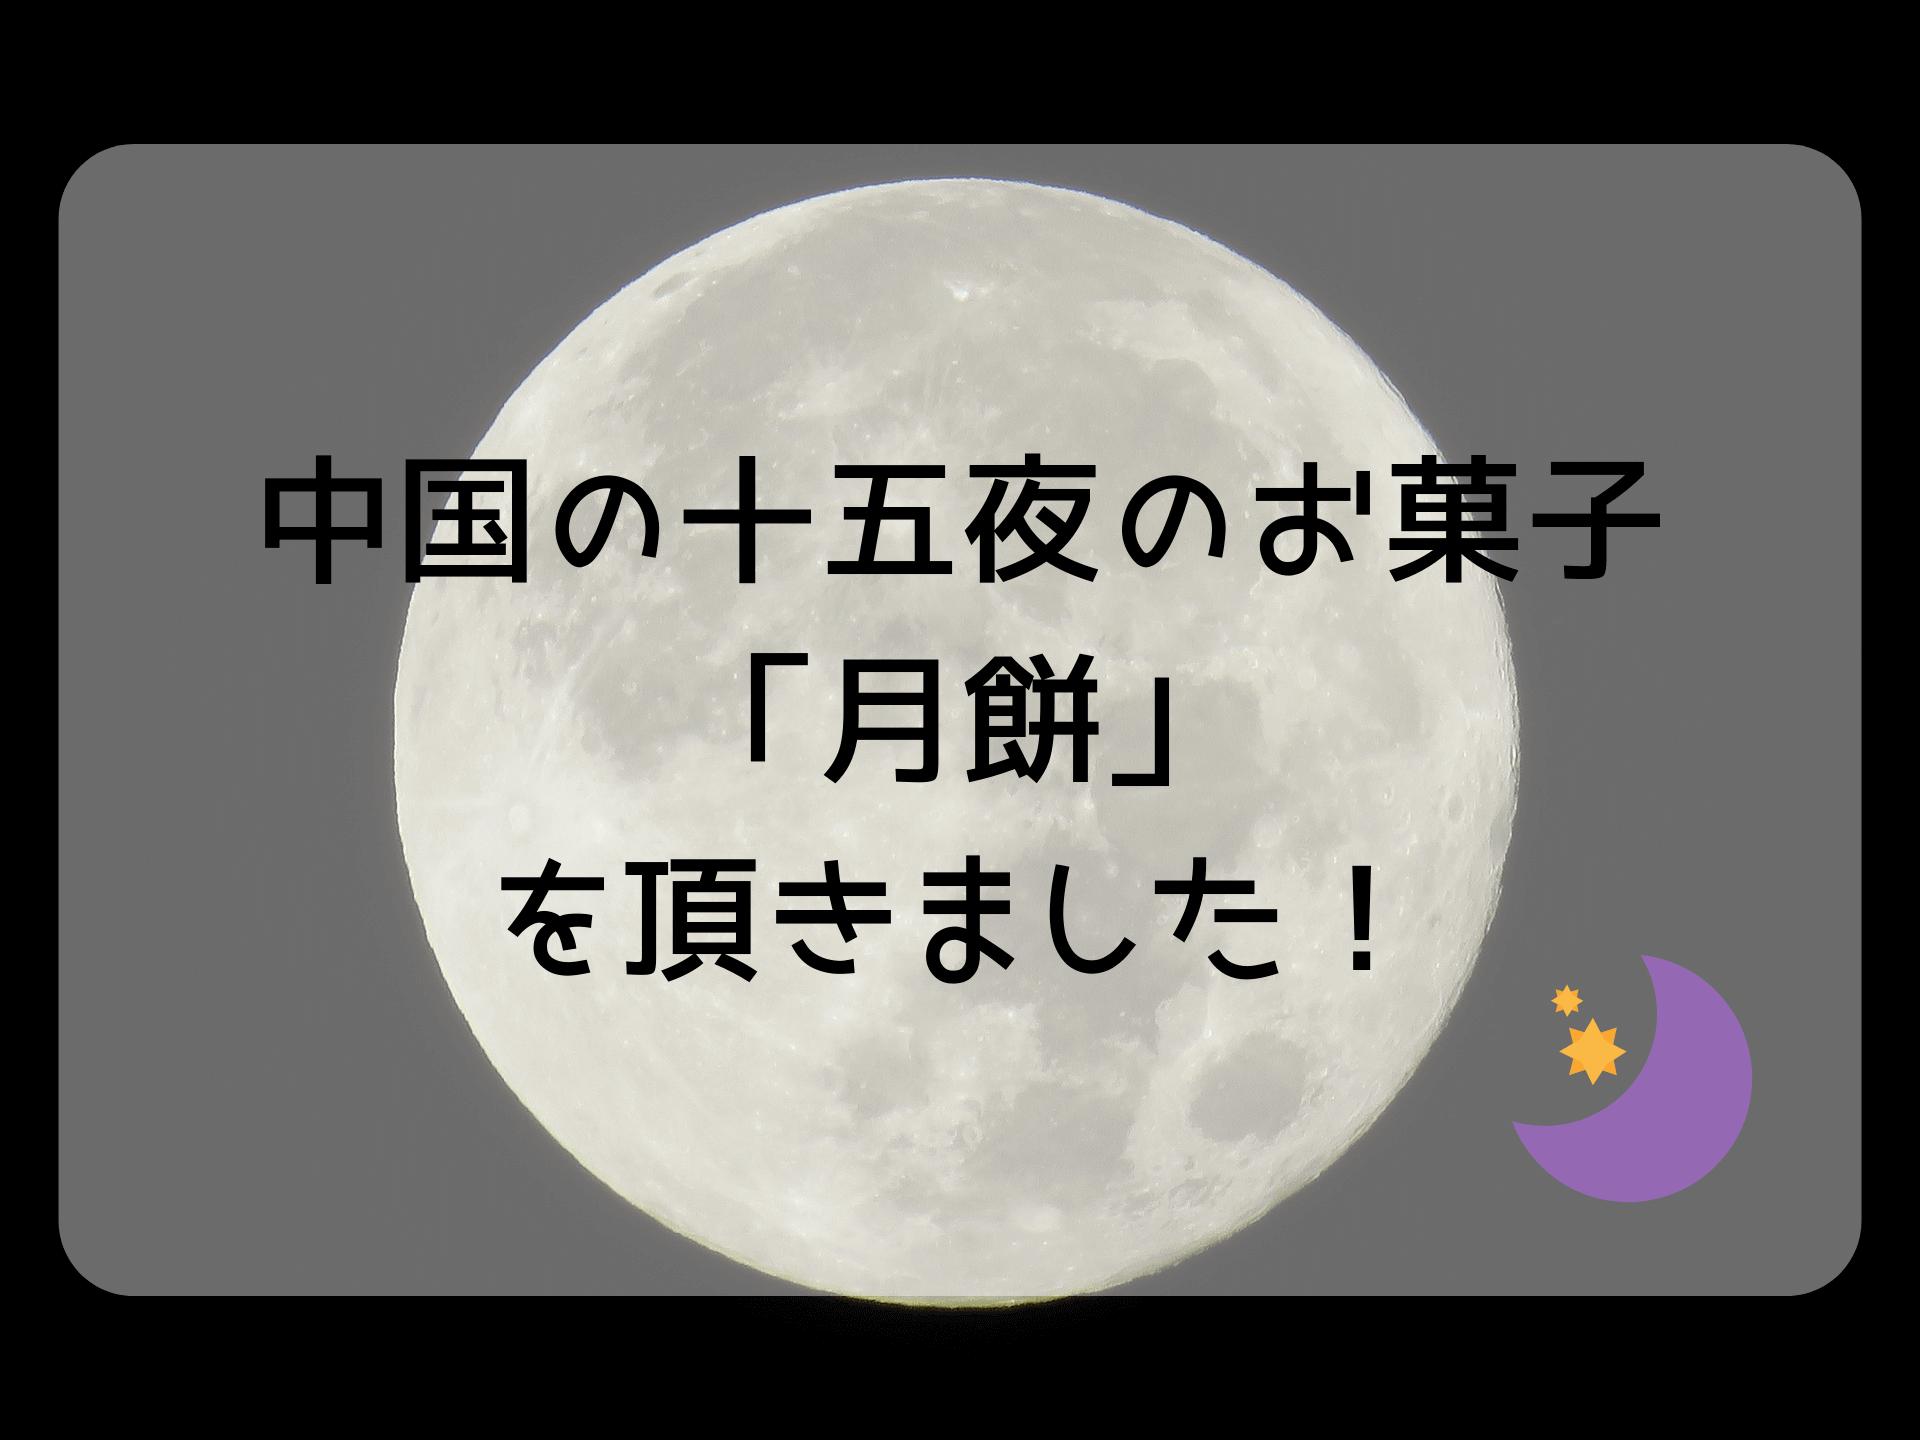 中国の十五夜のお菓子「月餅」を頂きました! (1)